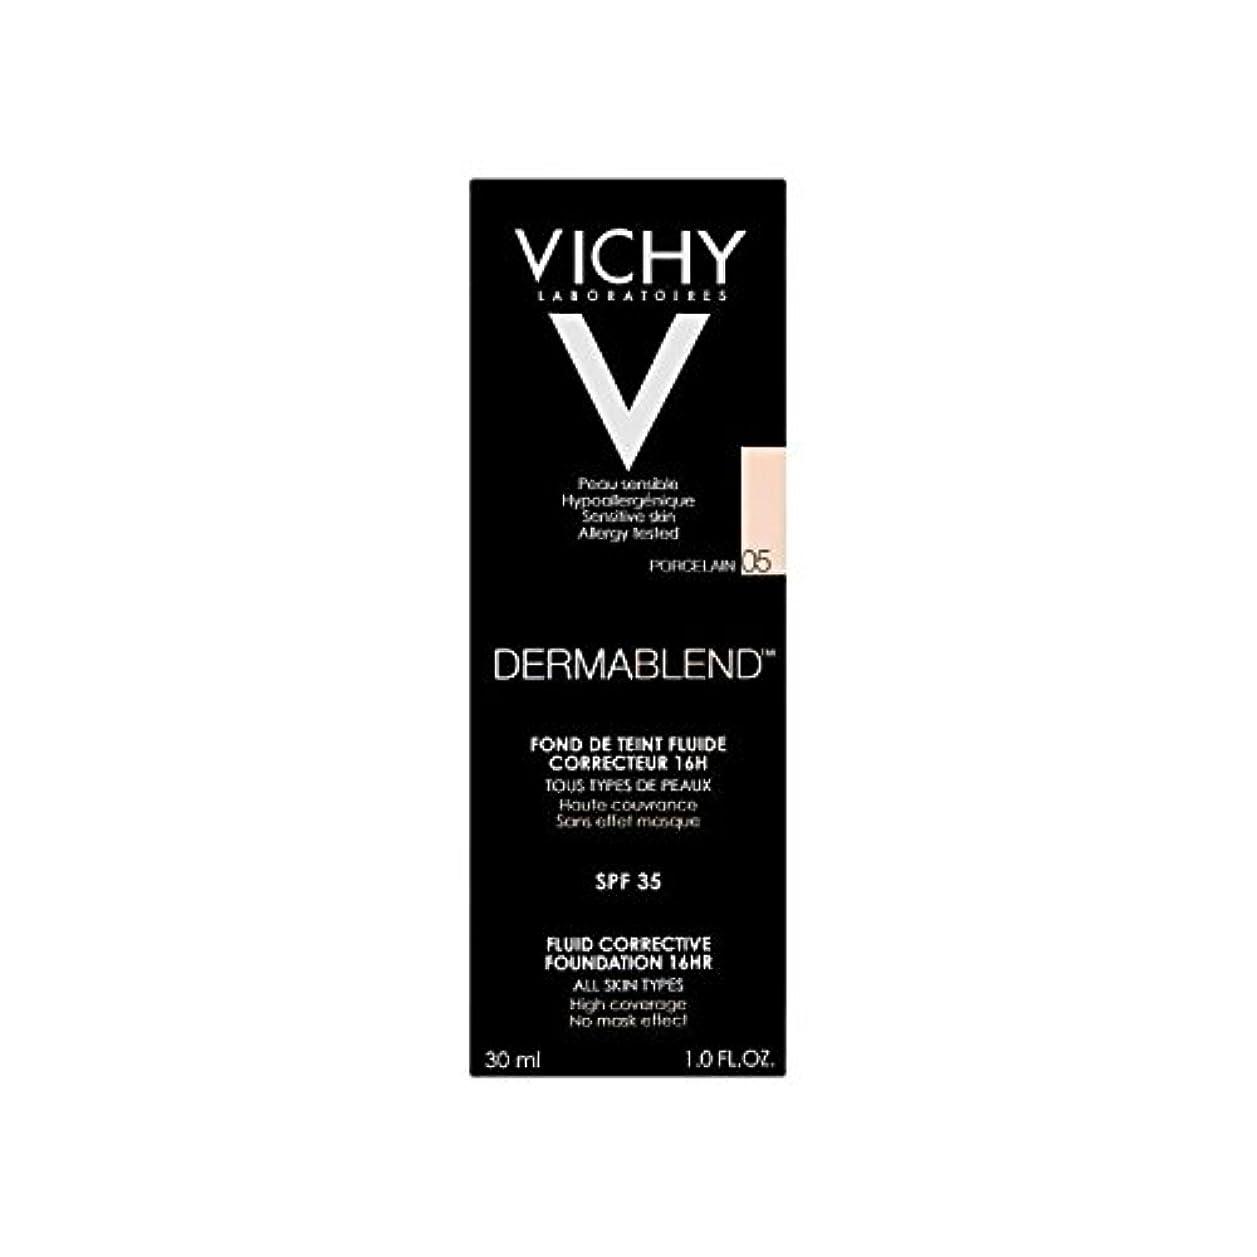 告発除去燃料ヴィシー是正フルイドファンデーション30ミリリットルの磁器 x2 - Vichy Dermablend Corrective Fluid Foundation 30ml Porcelain (Pack of 2) [並行輸入品]